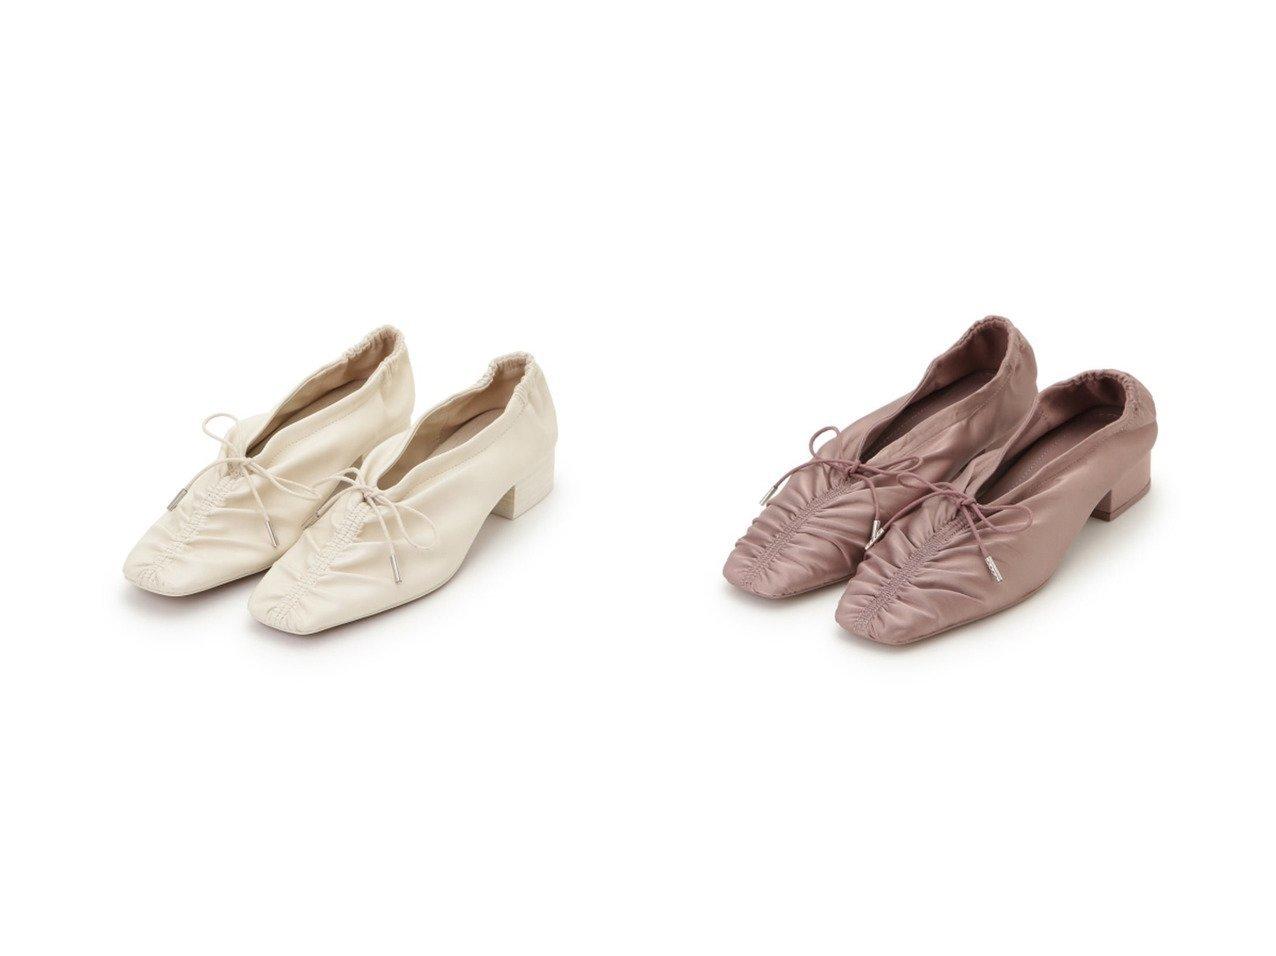 【SNIDEL/スナイデル】のギャザーレースアップパンプス シューズ・靴のおすすめ!人気、トレンド・レディースファッションの通販  おすすめで人気の流行・トレンド、ファッションの通販商品 メンズファッション・キッズファッション・インテリア・家具・レディースファッション・服の通販 founy(ファニー) https://founy.com/ ファッション Fashion レディースファッション WOMEN ギャザー スマート フェミニン ベスト レース |ID:crp329100000009863